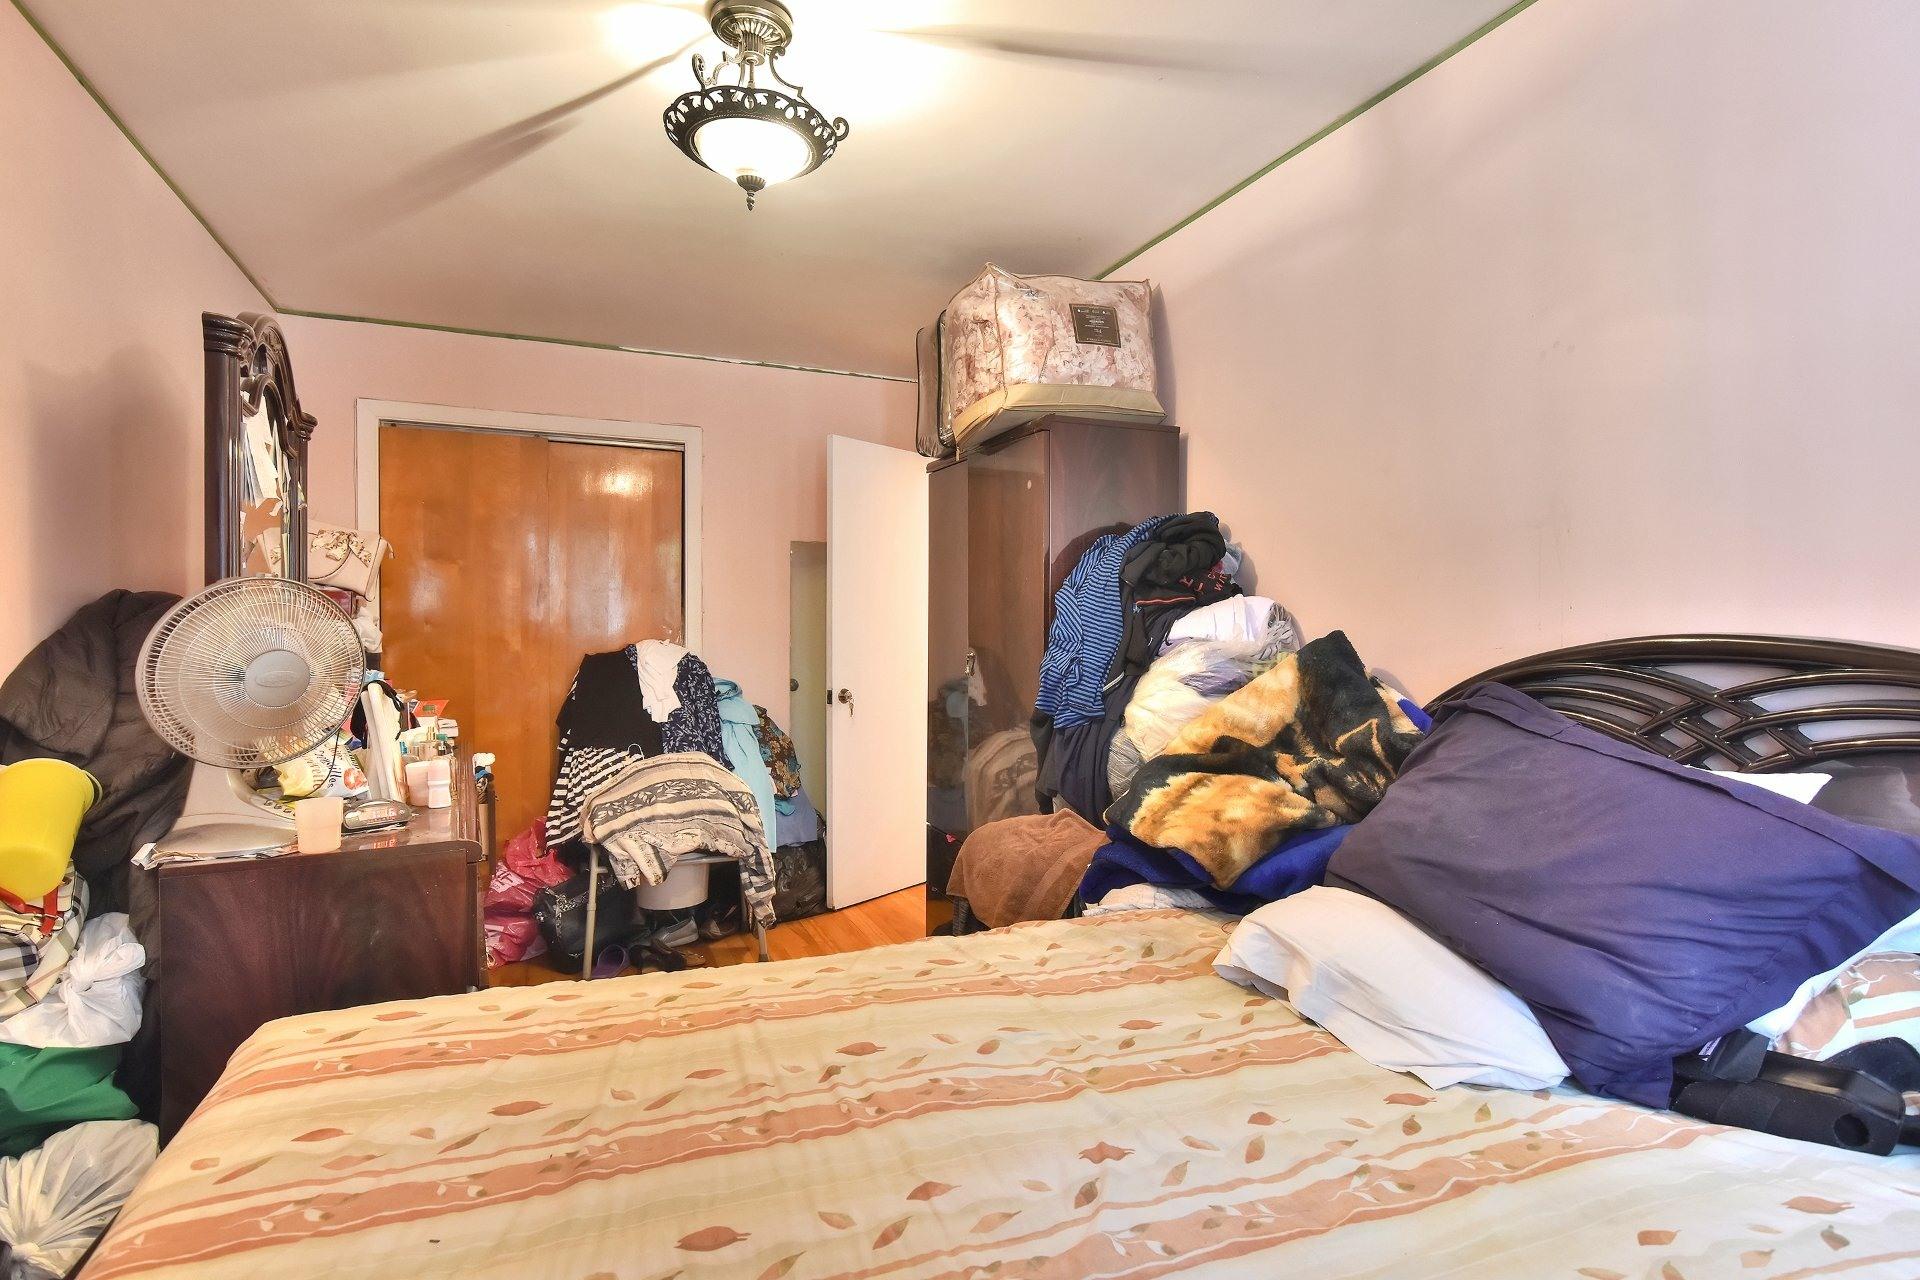 image 9 - Duplex For sale Rivière-des-Prairies/Pointe-aux-Trembles Montréal  - 5 rooms